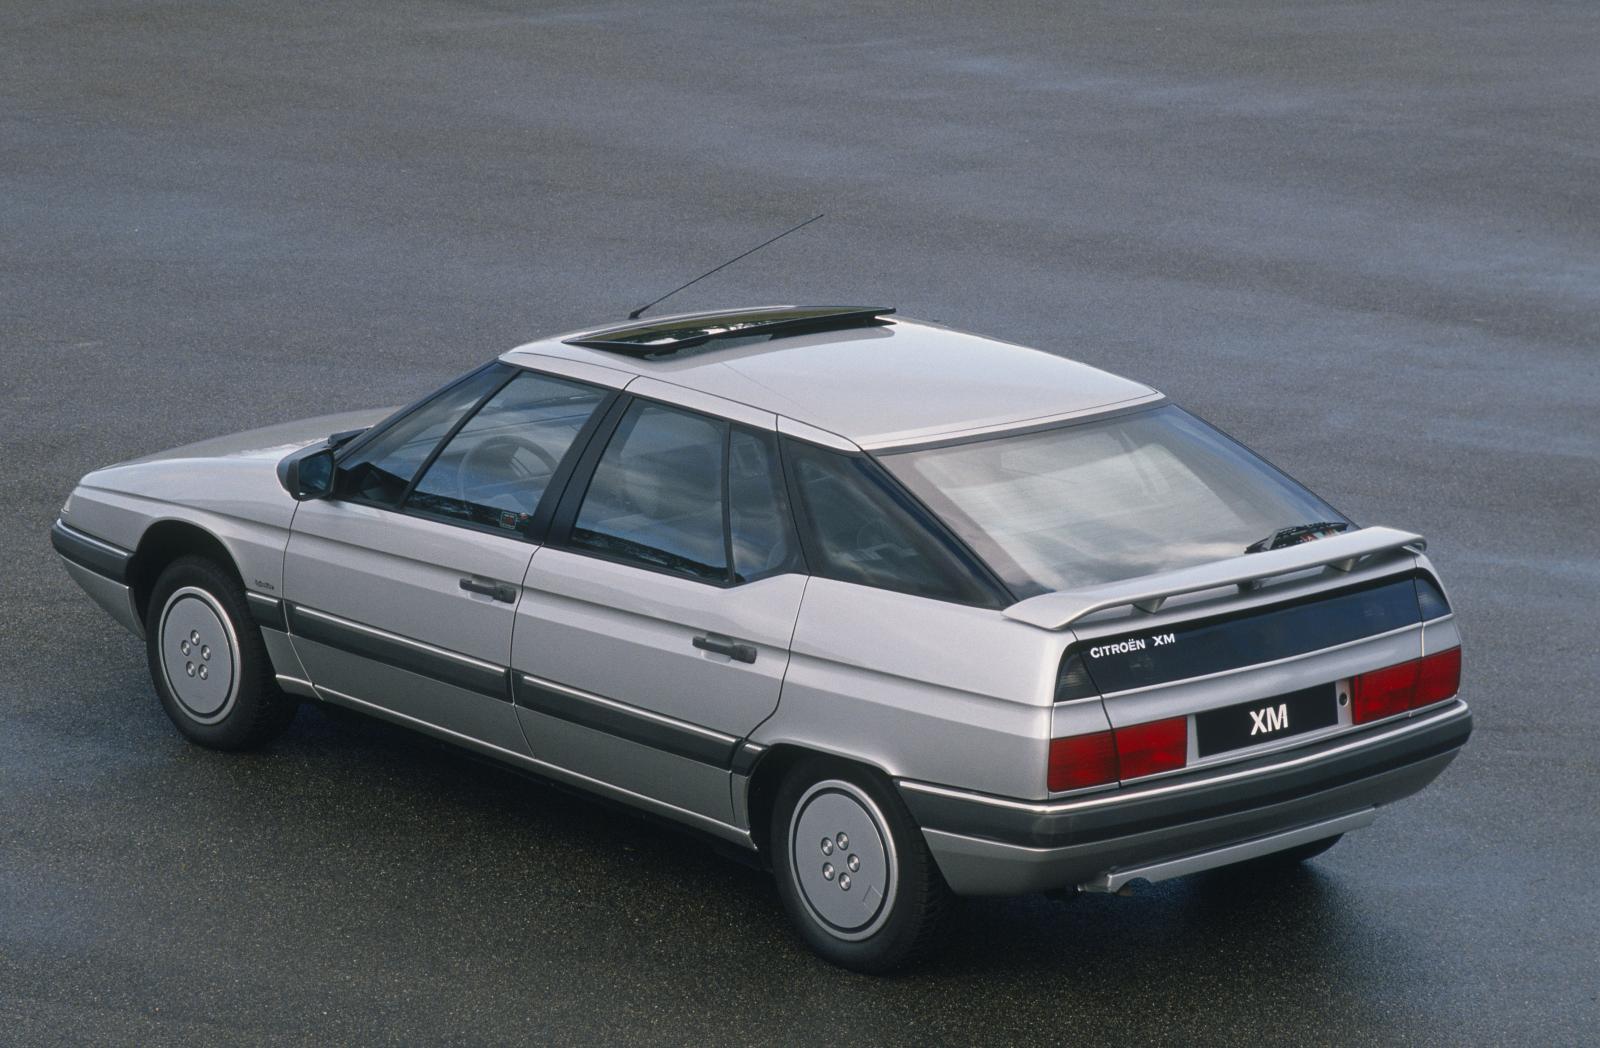 XM 1990 avec toit ouvrant